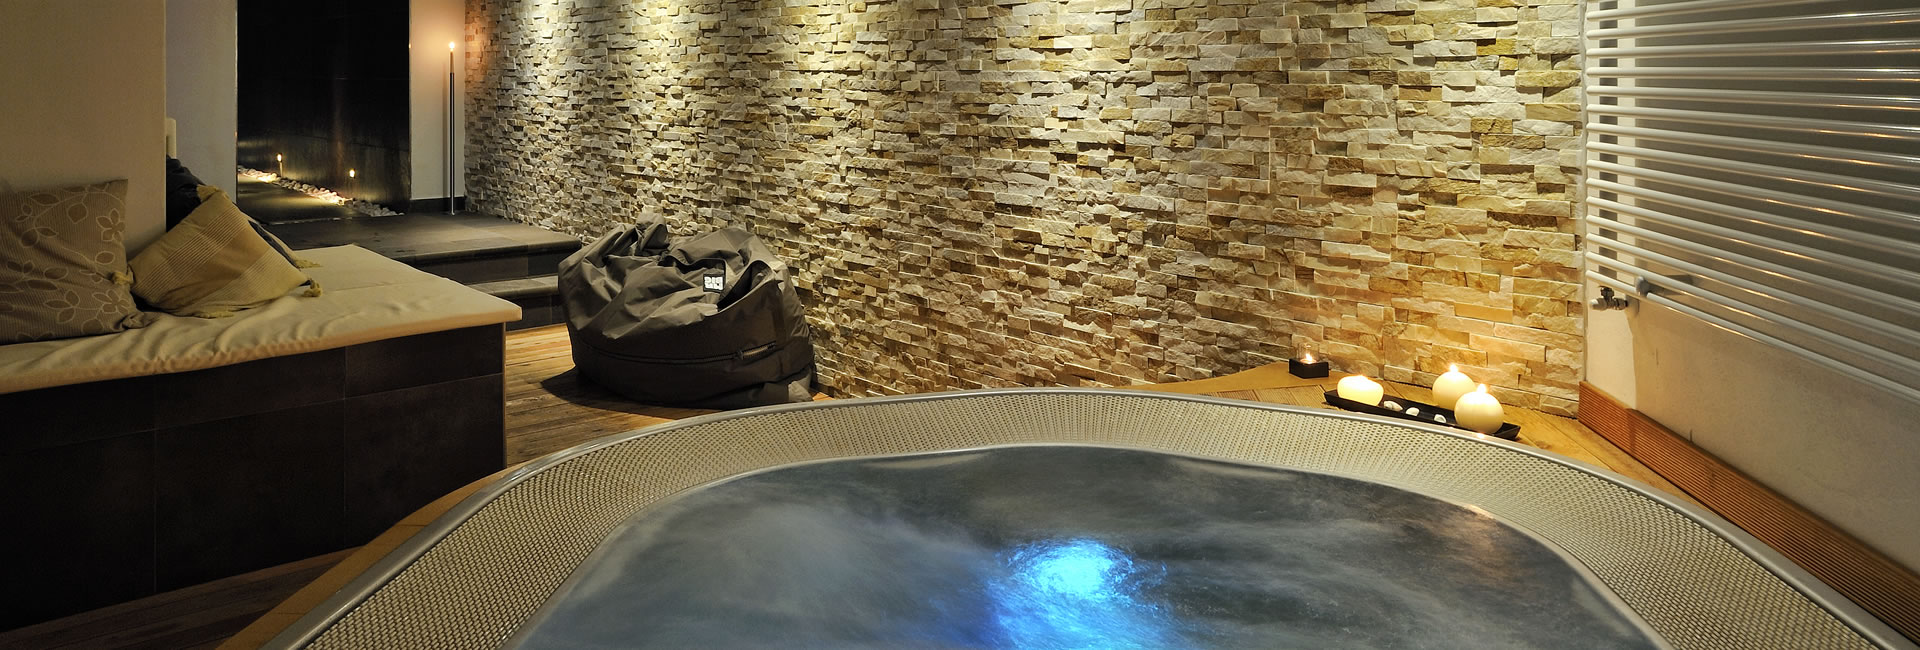 centro benessere fanghi terme funzioni hotel aurora spa